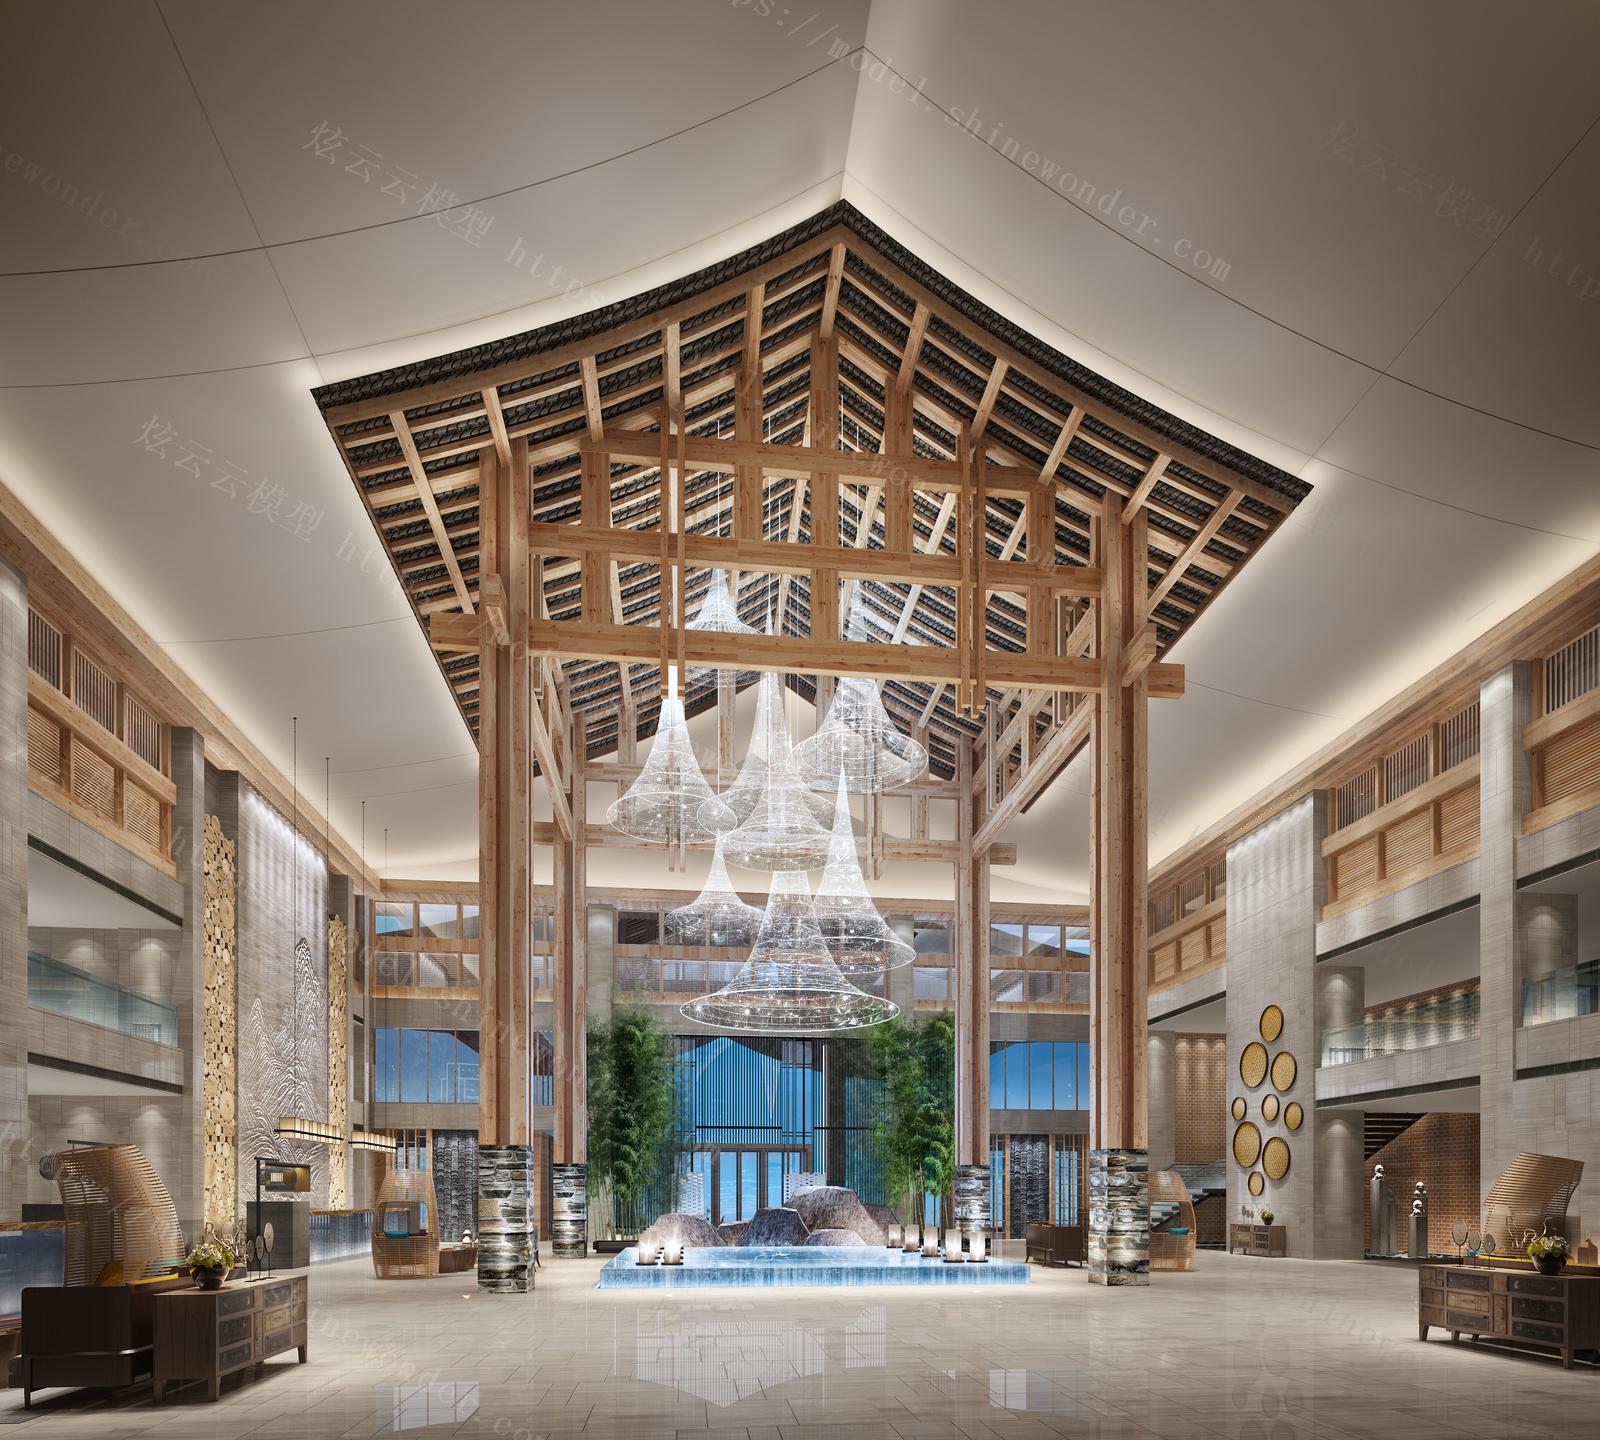 奢华酒店大厅模型